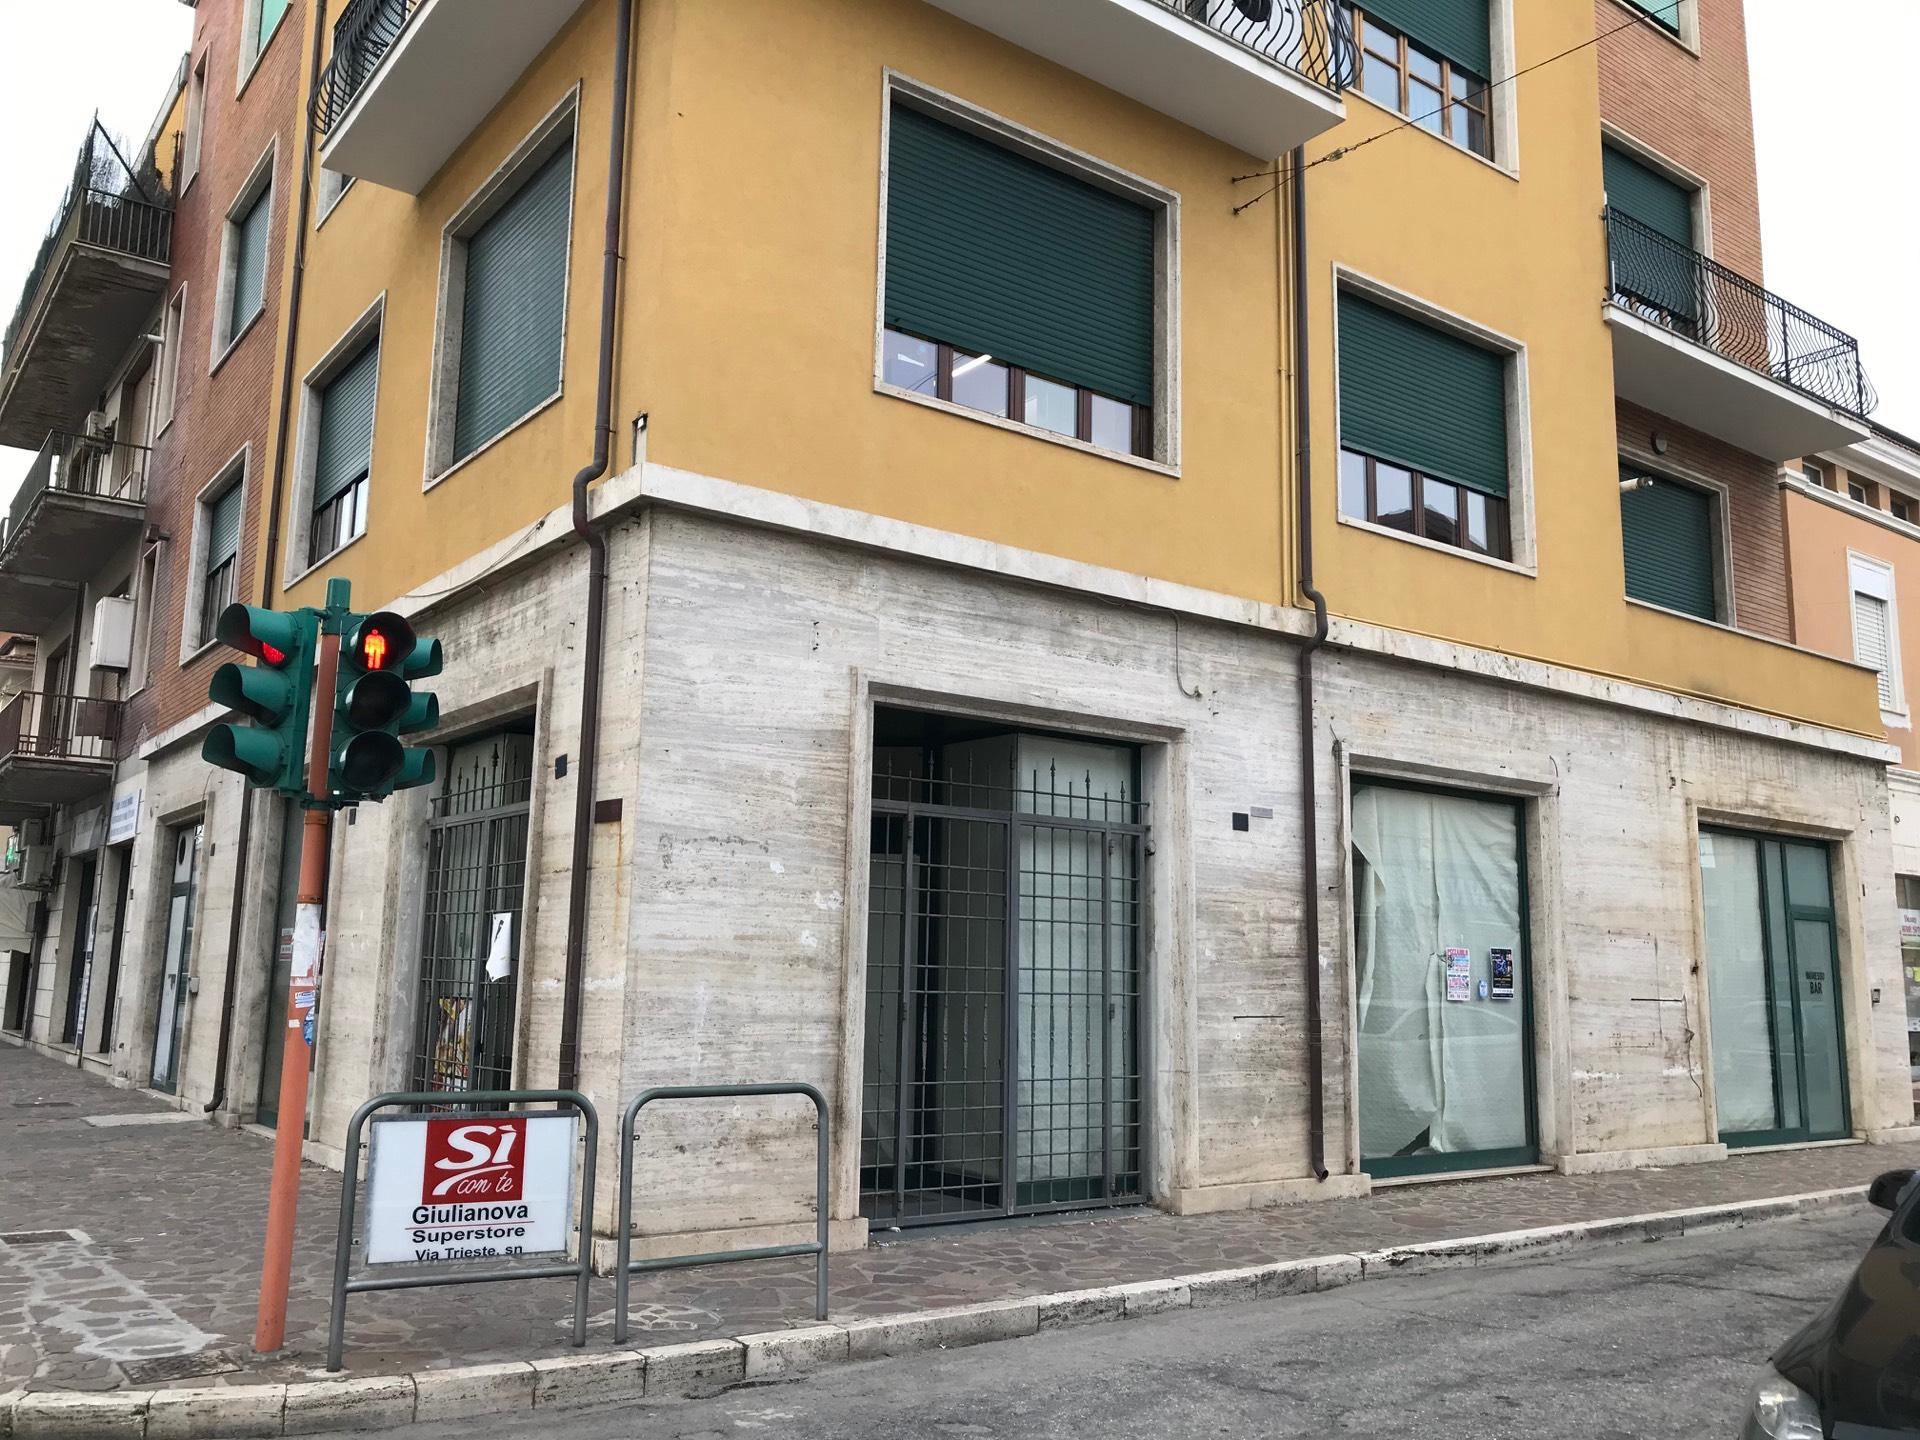 Negozio / Locale in affitto a Giulianova, 9999 locali, zona Località: Lido, prezzo € 1.200 | CambioCasa.it